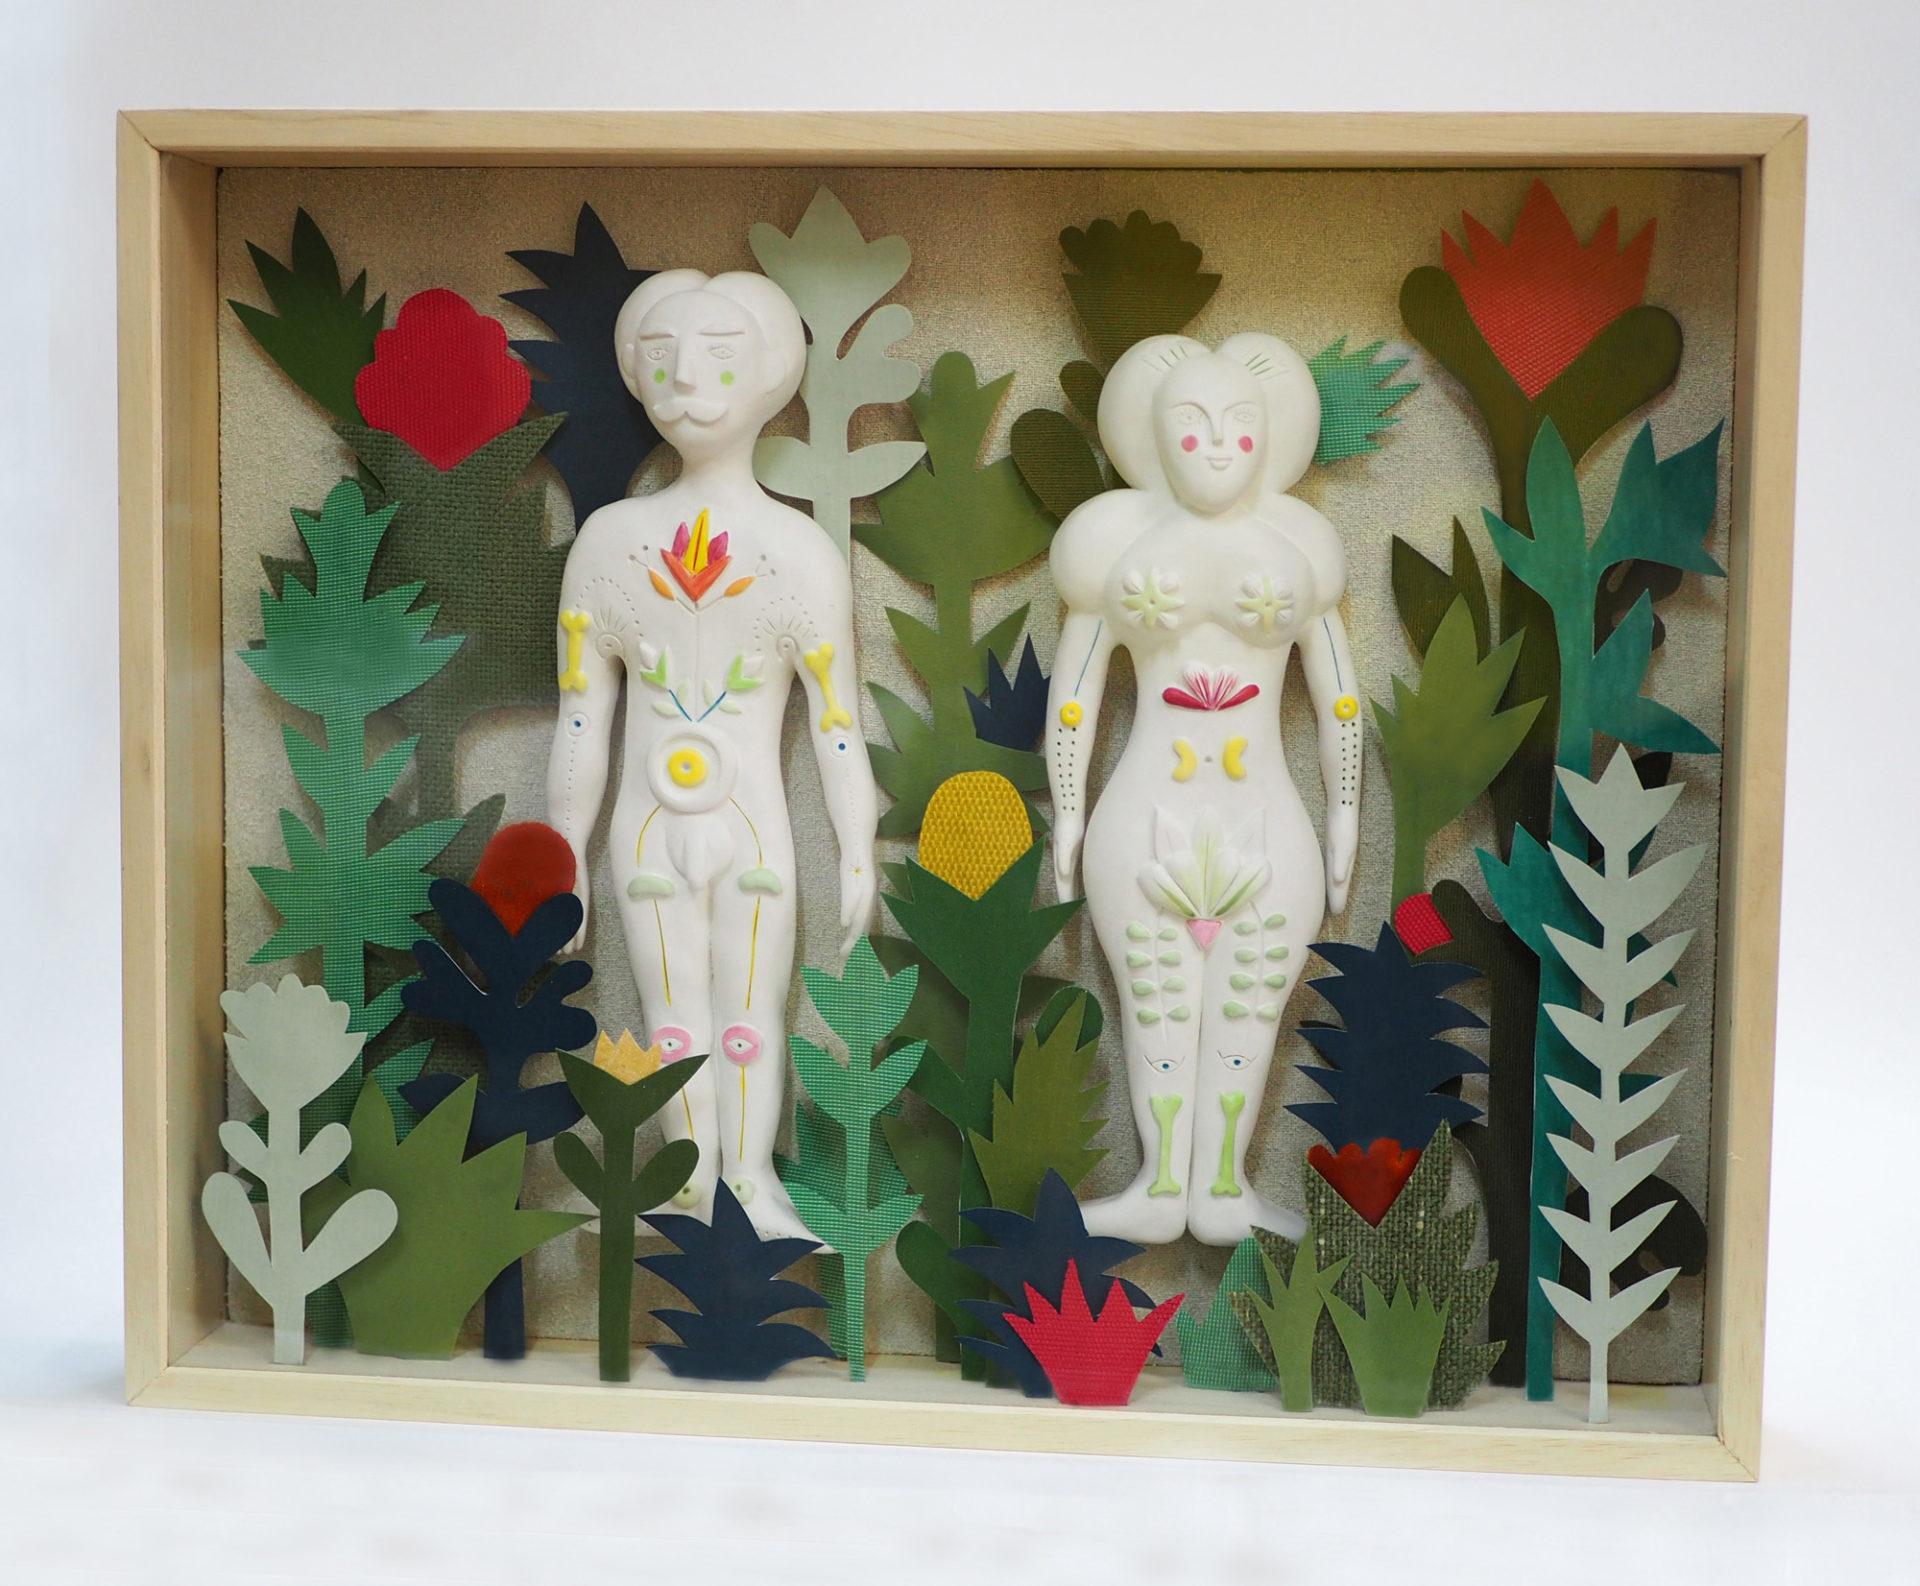 herbier sculpture cabinets de curiosités contemporains